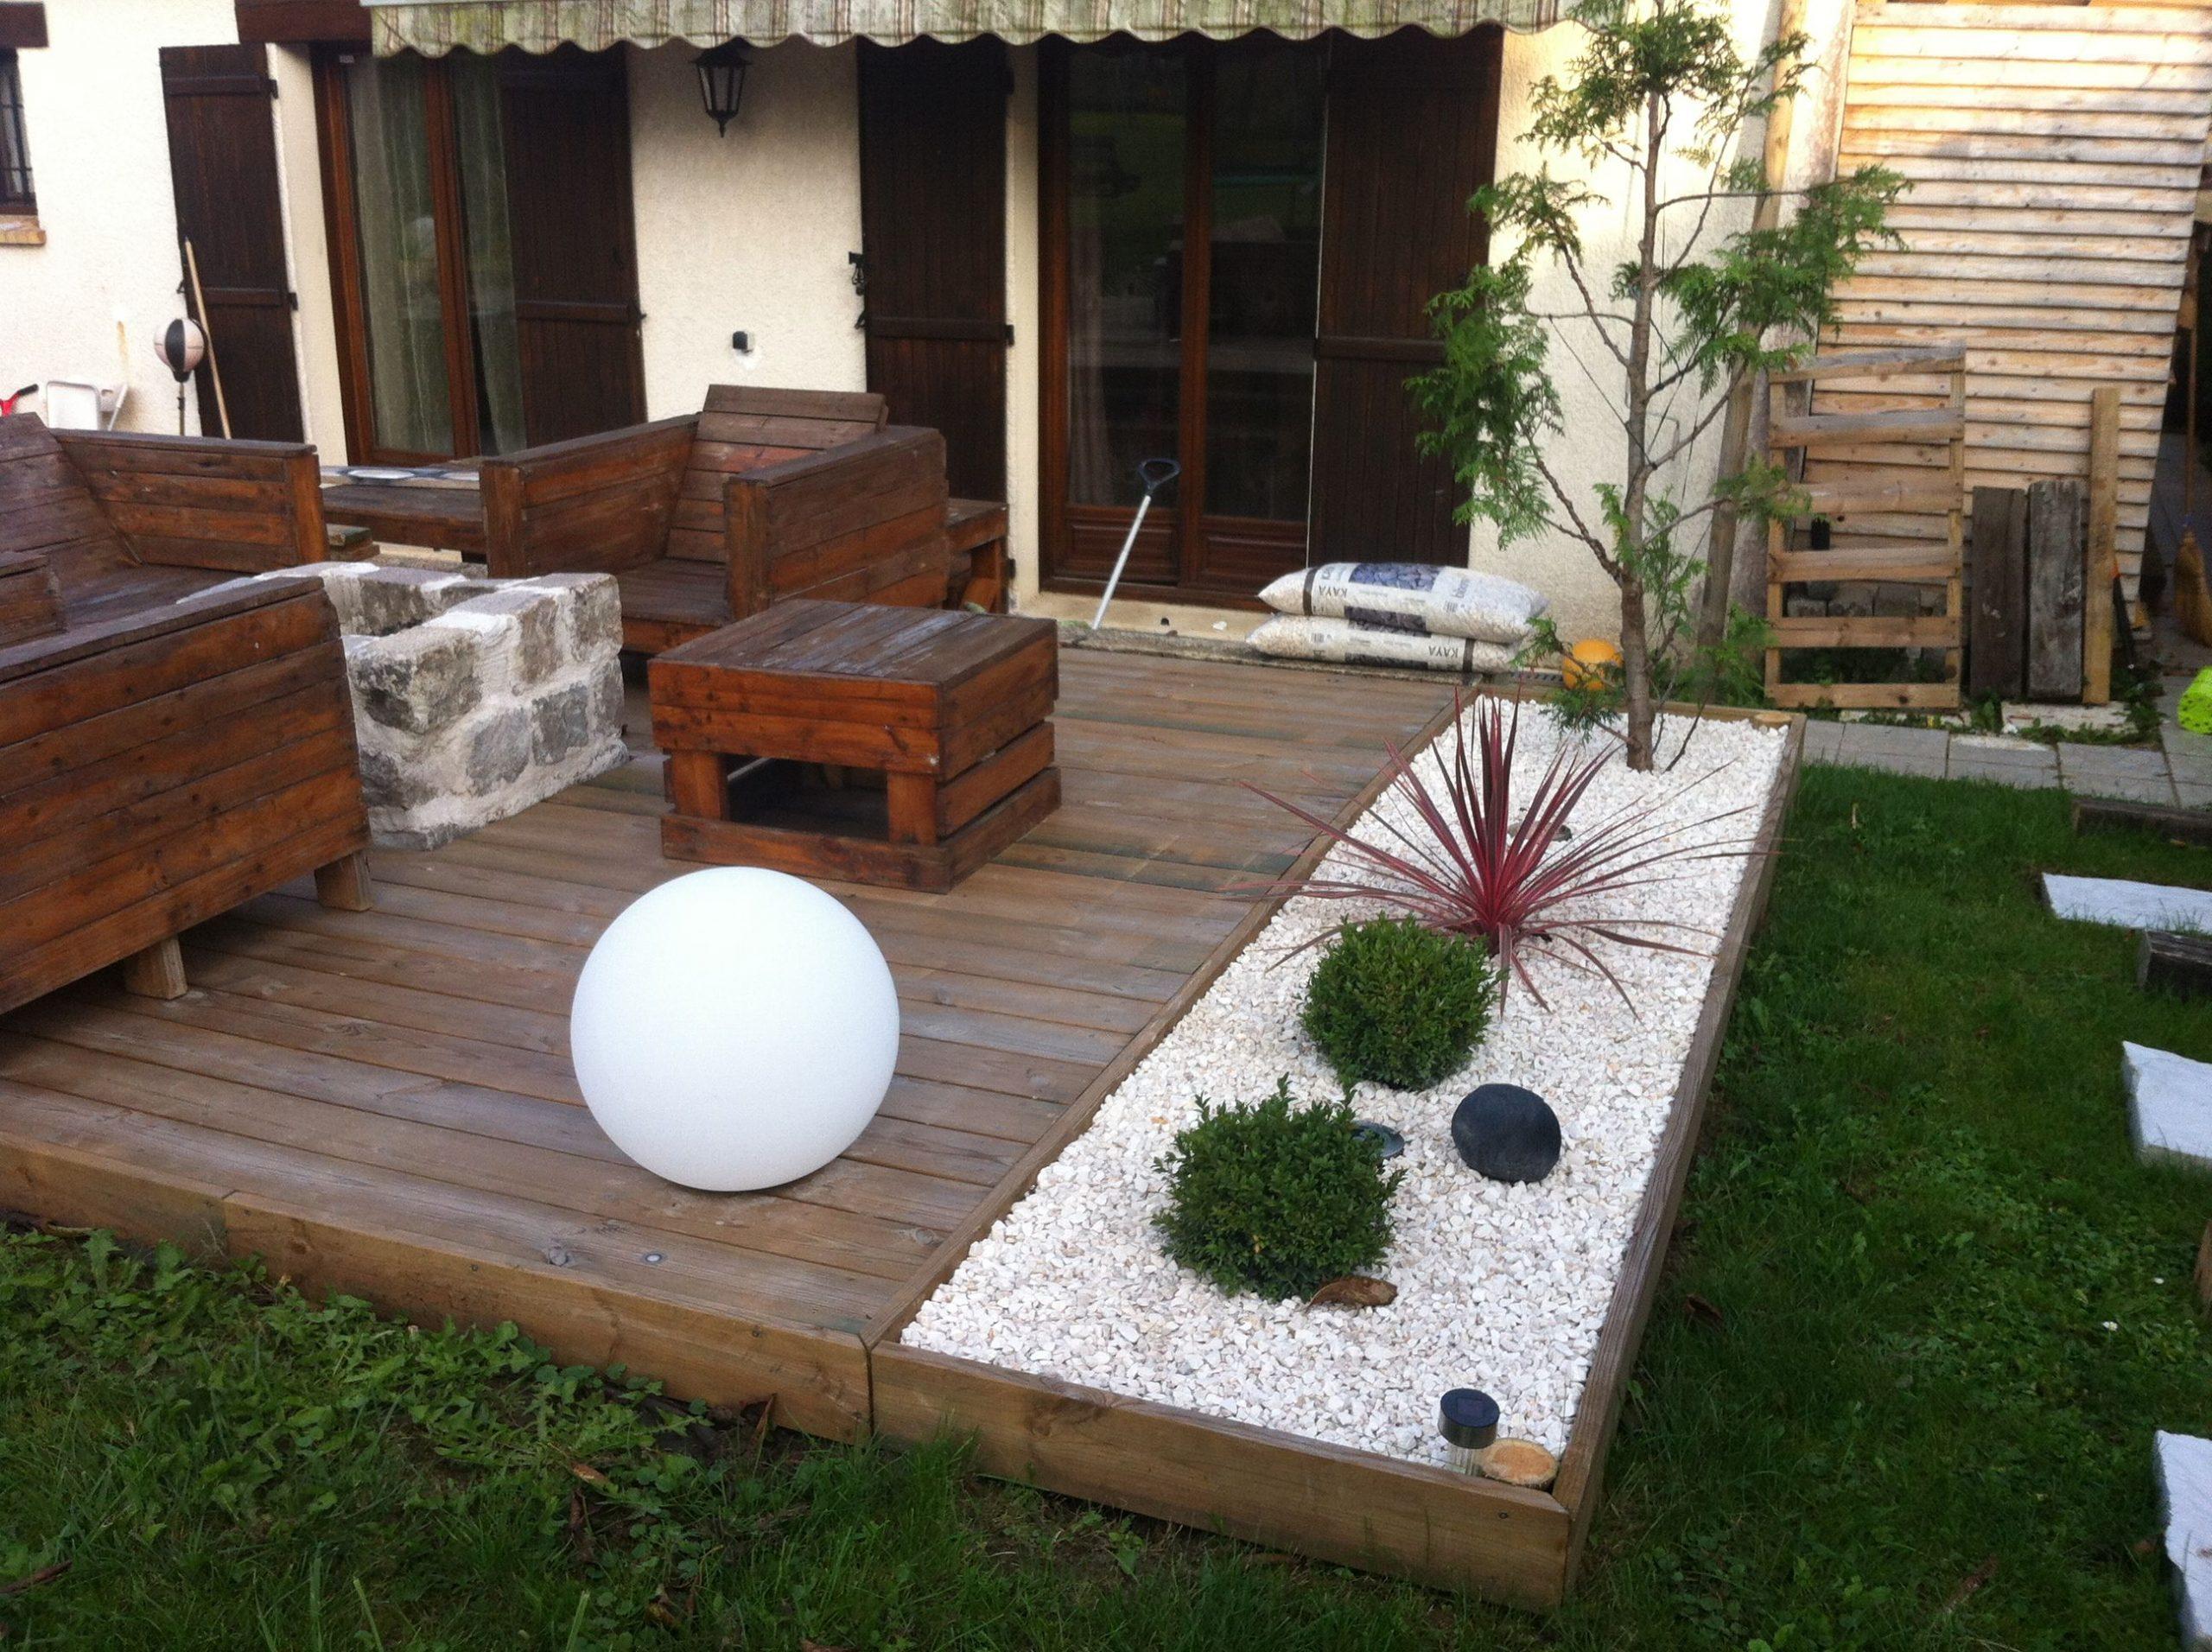 Épinglé Par Marije Douwstra Sur Garden | Décoration De ... tout Terrase De Jardin